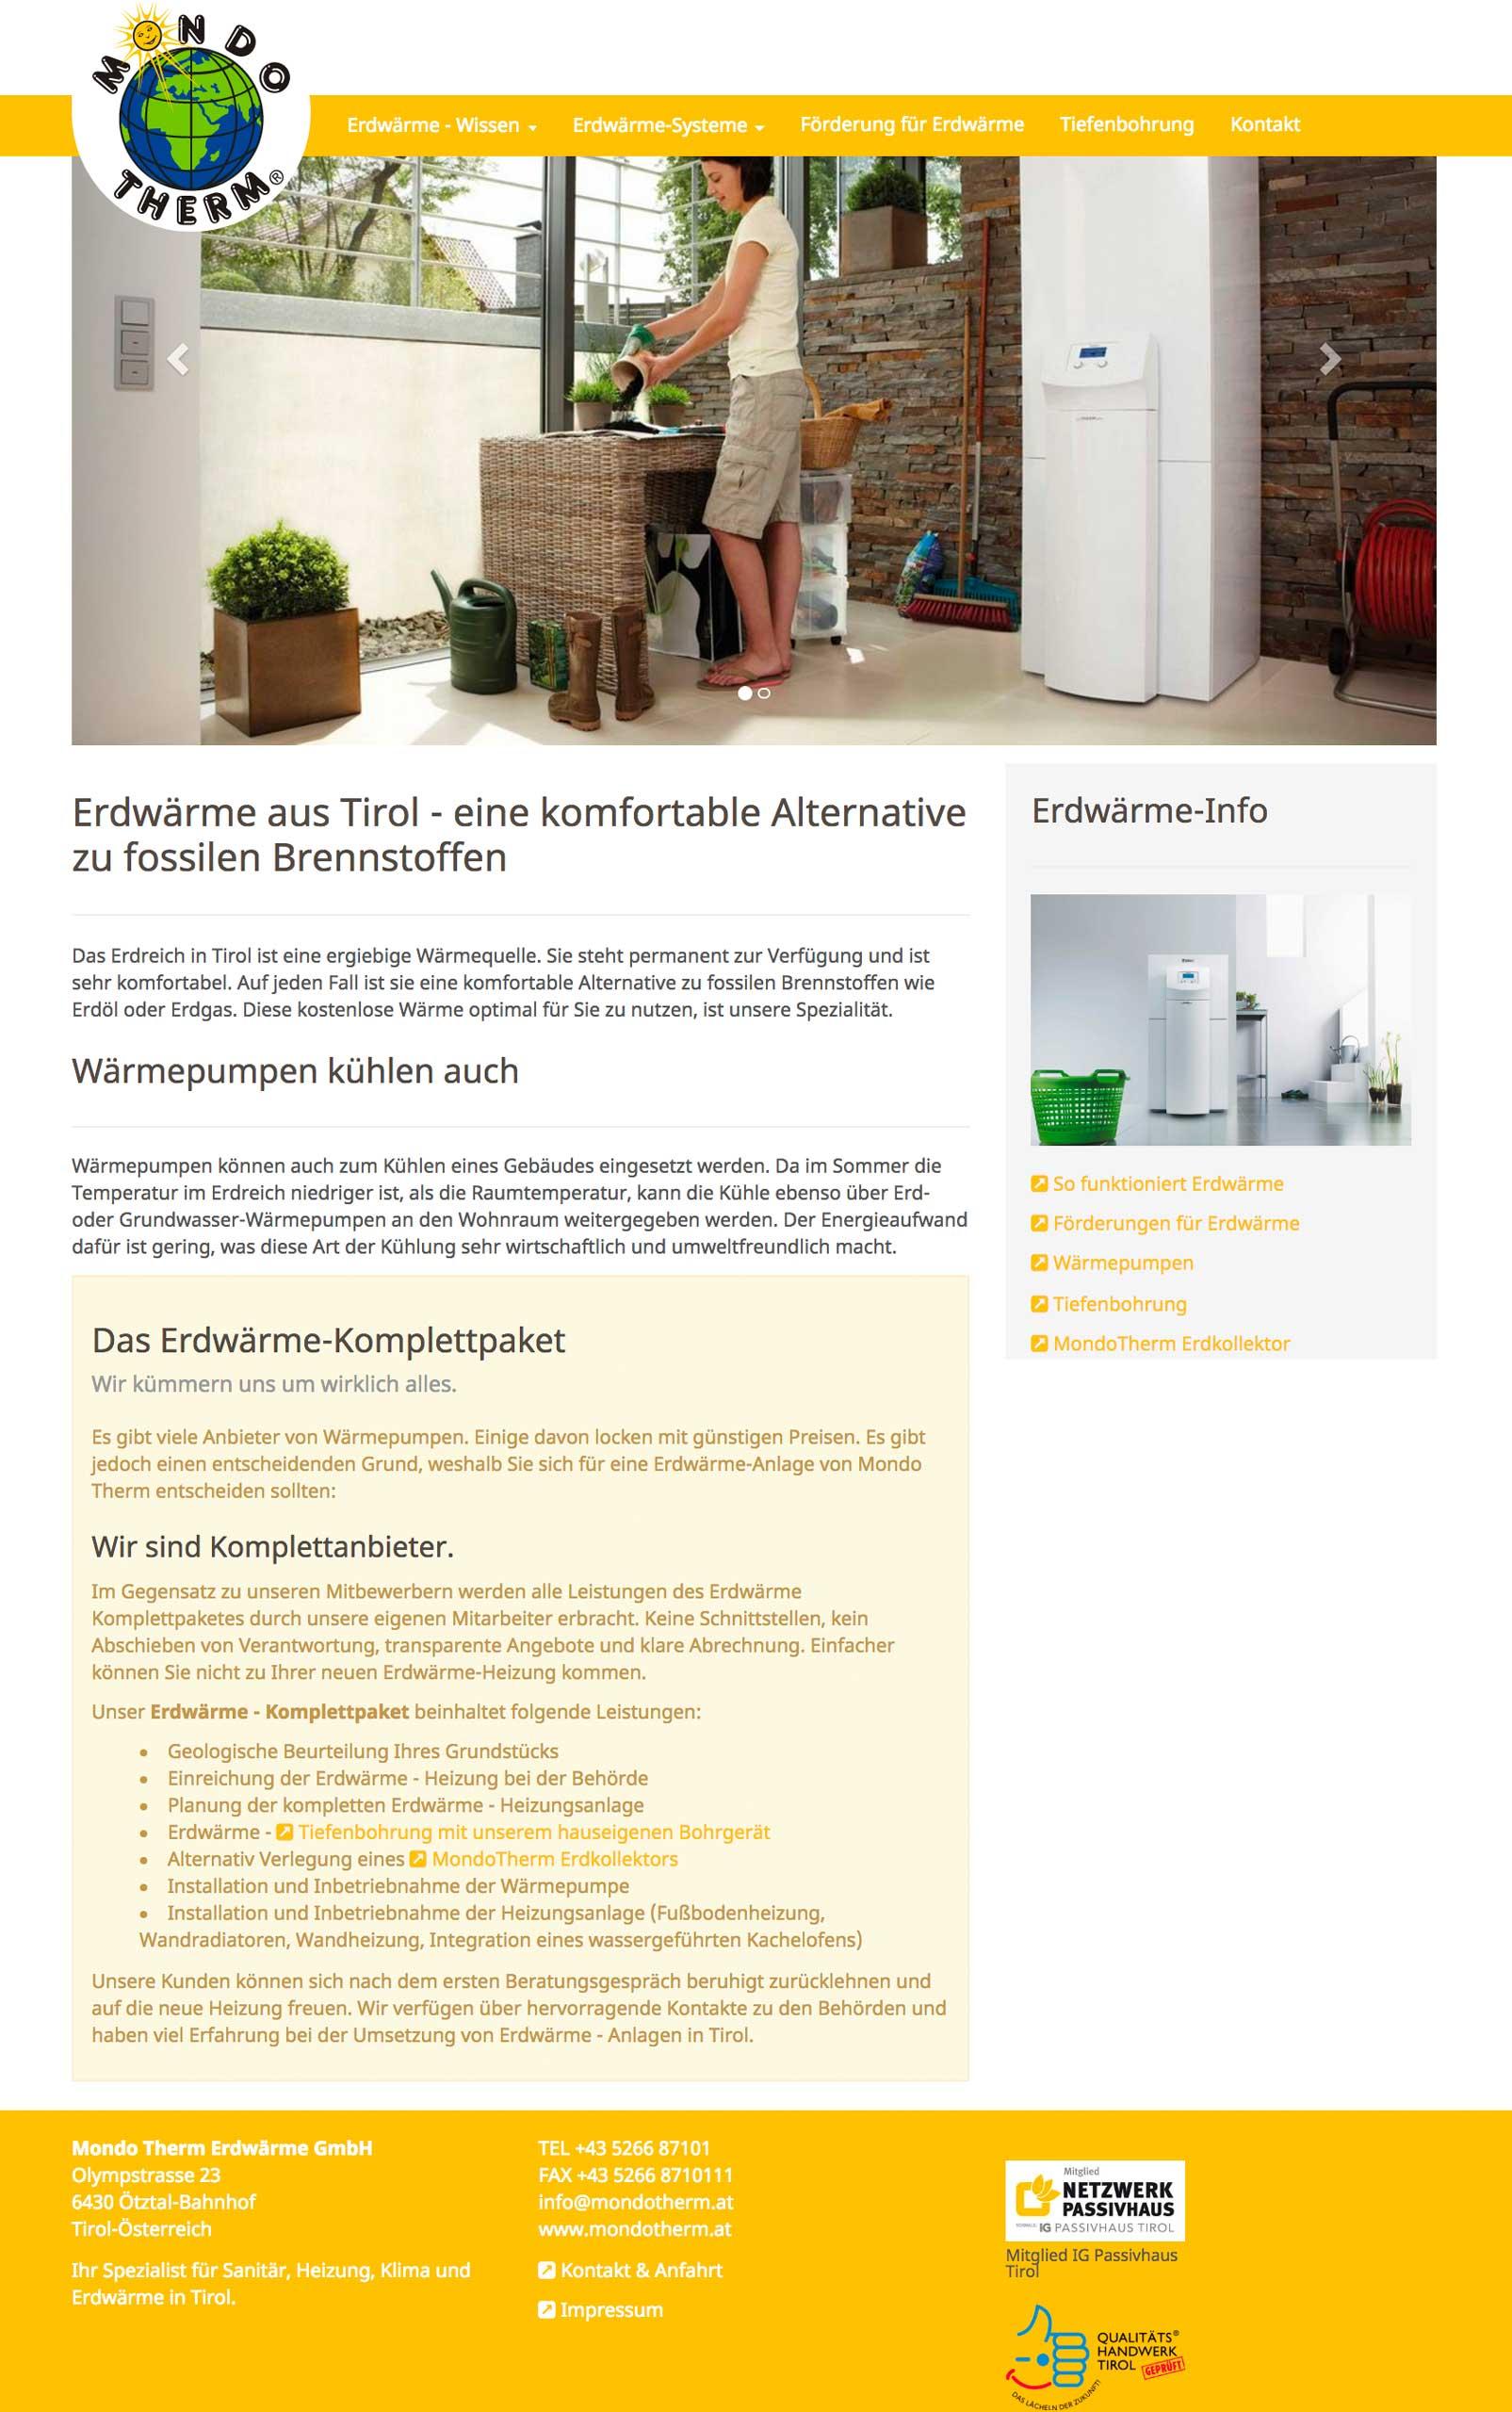 Neue Website für Mondo Therm www.erwaerme-tirol.at